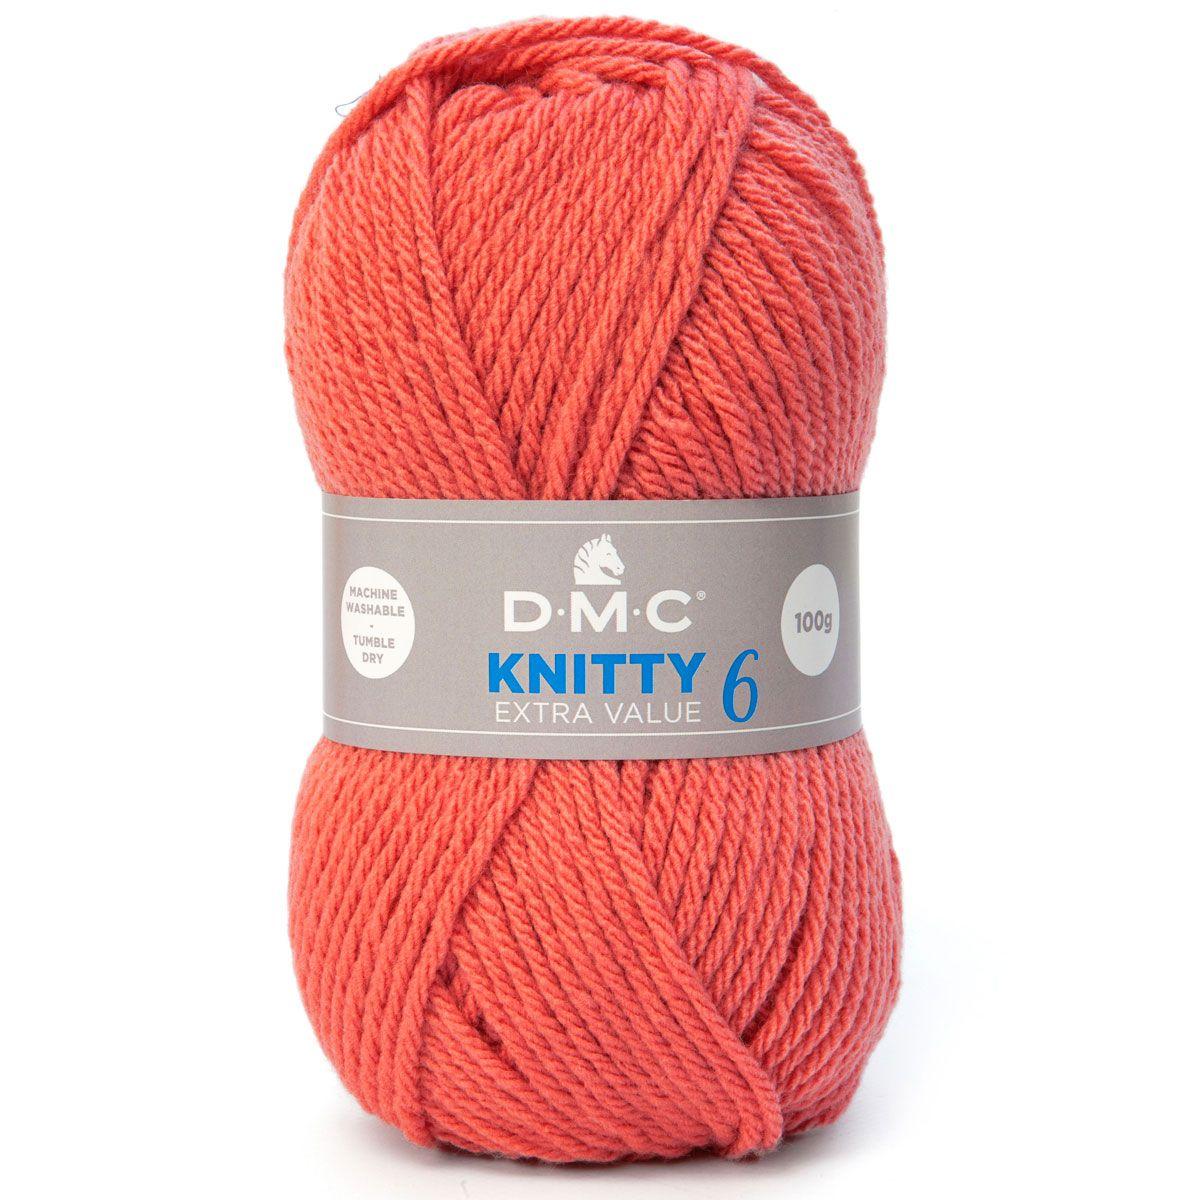 Fil à tricoter Knitty 6 DMC